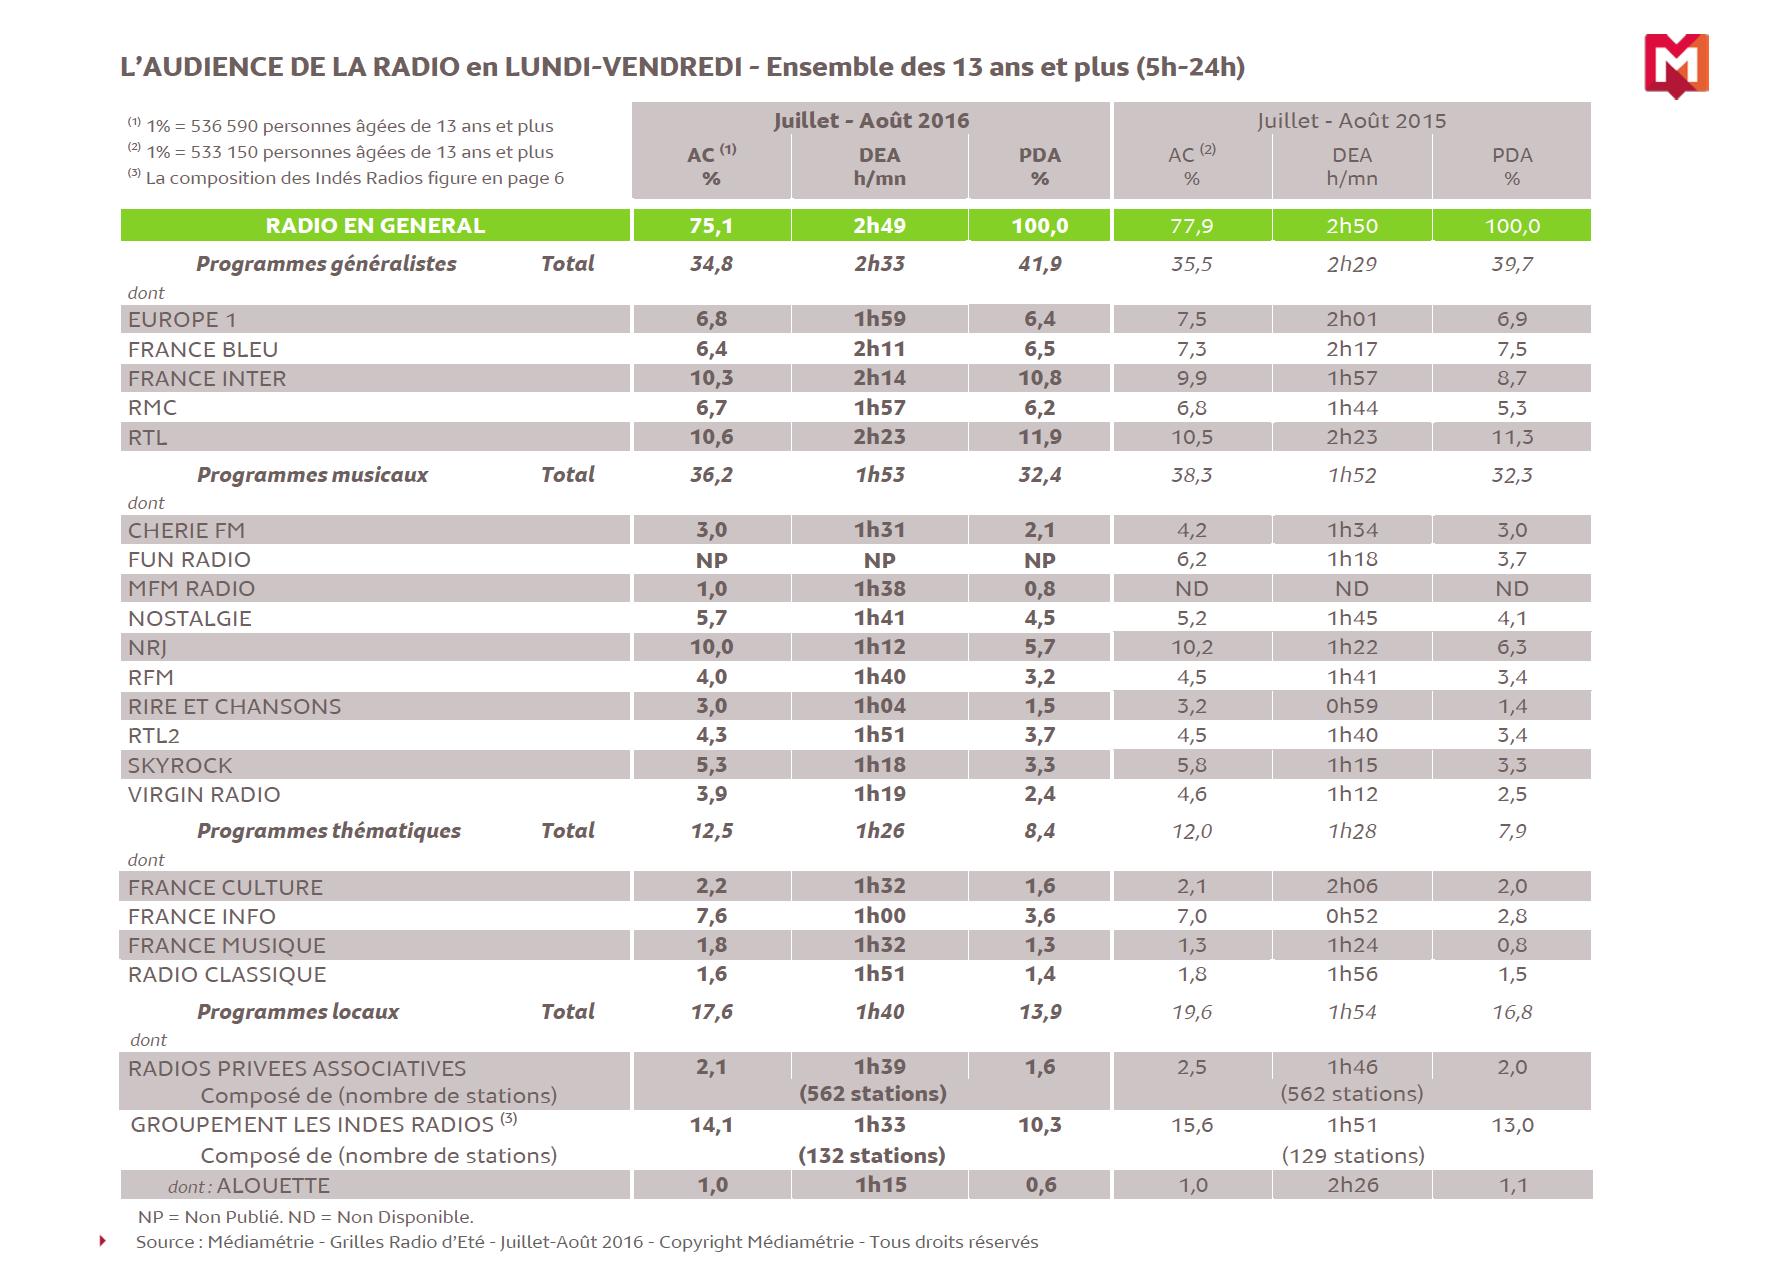 Source : Médiamétrie - Grilles Radio d'Eté - Juillet-Août 2016 - Copyright Médiamétrie - Tous droits réservés